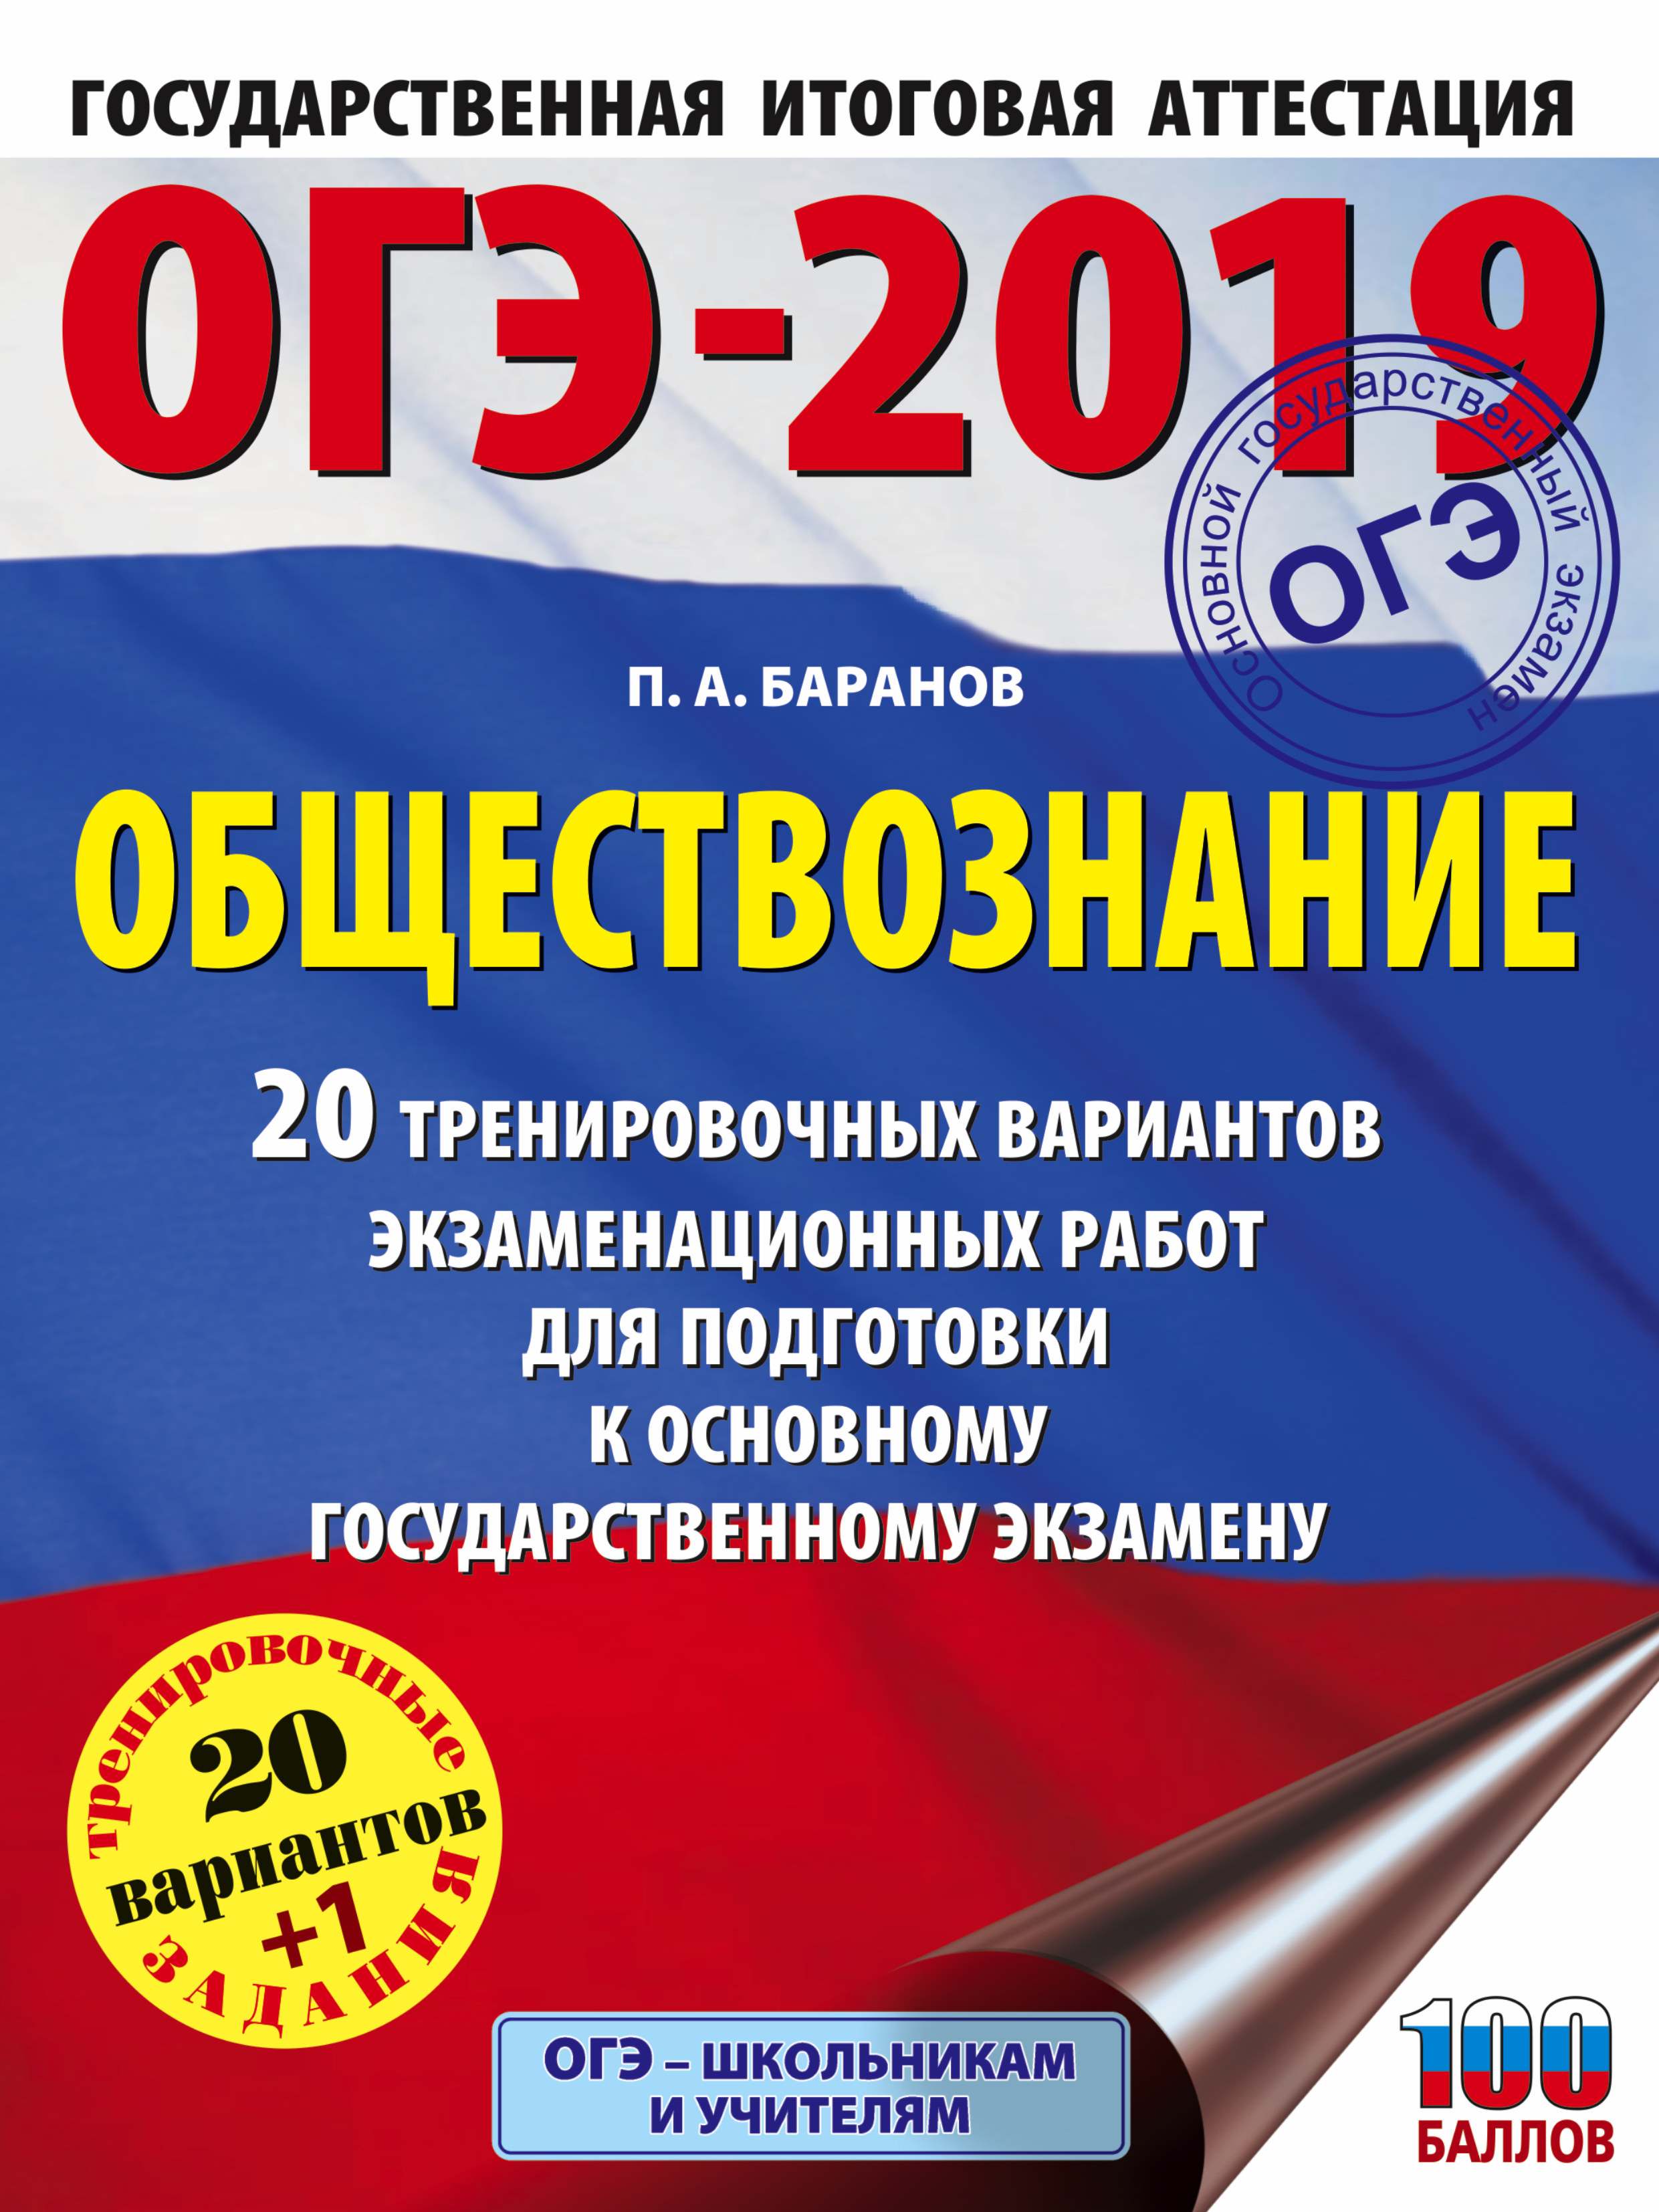 решебник к эзаменам украинскому языку и литературе 2019 года